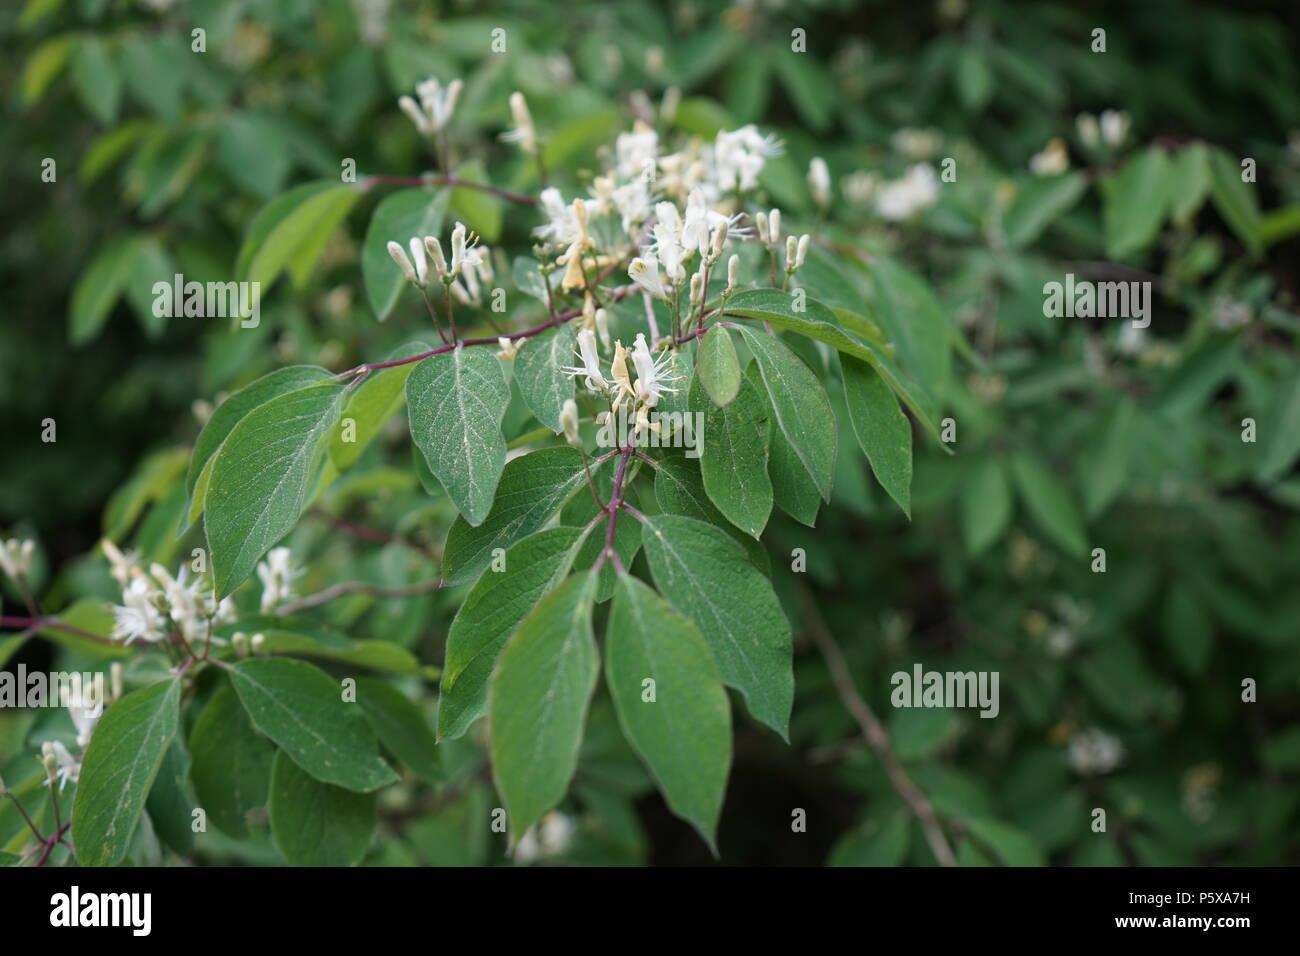 Rote Heckenkirsche oder Gewöhnliche Heckenkirsche (Lonicera xylosteum), blühender Zweig - Stock Image